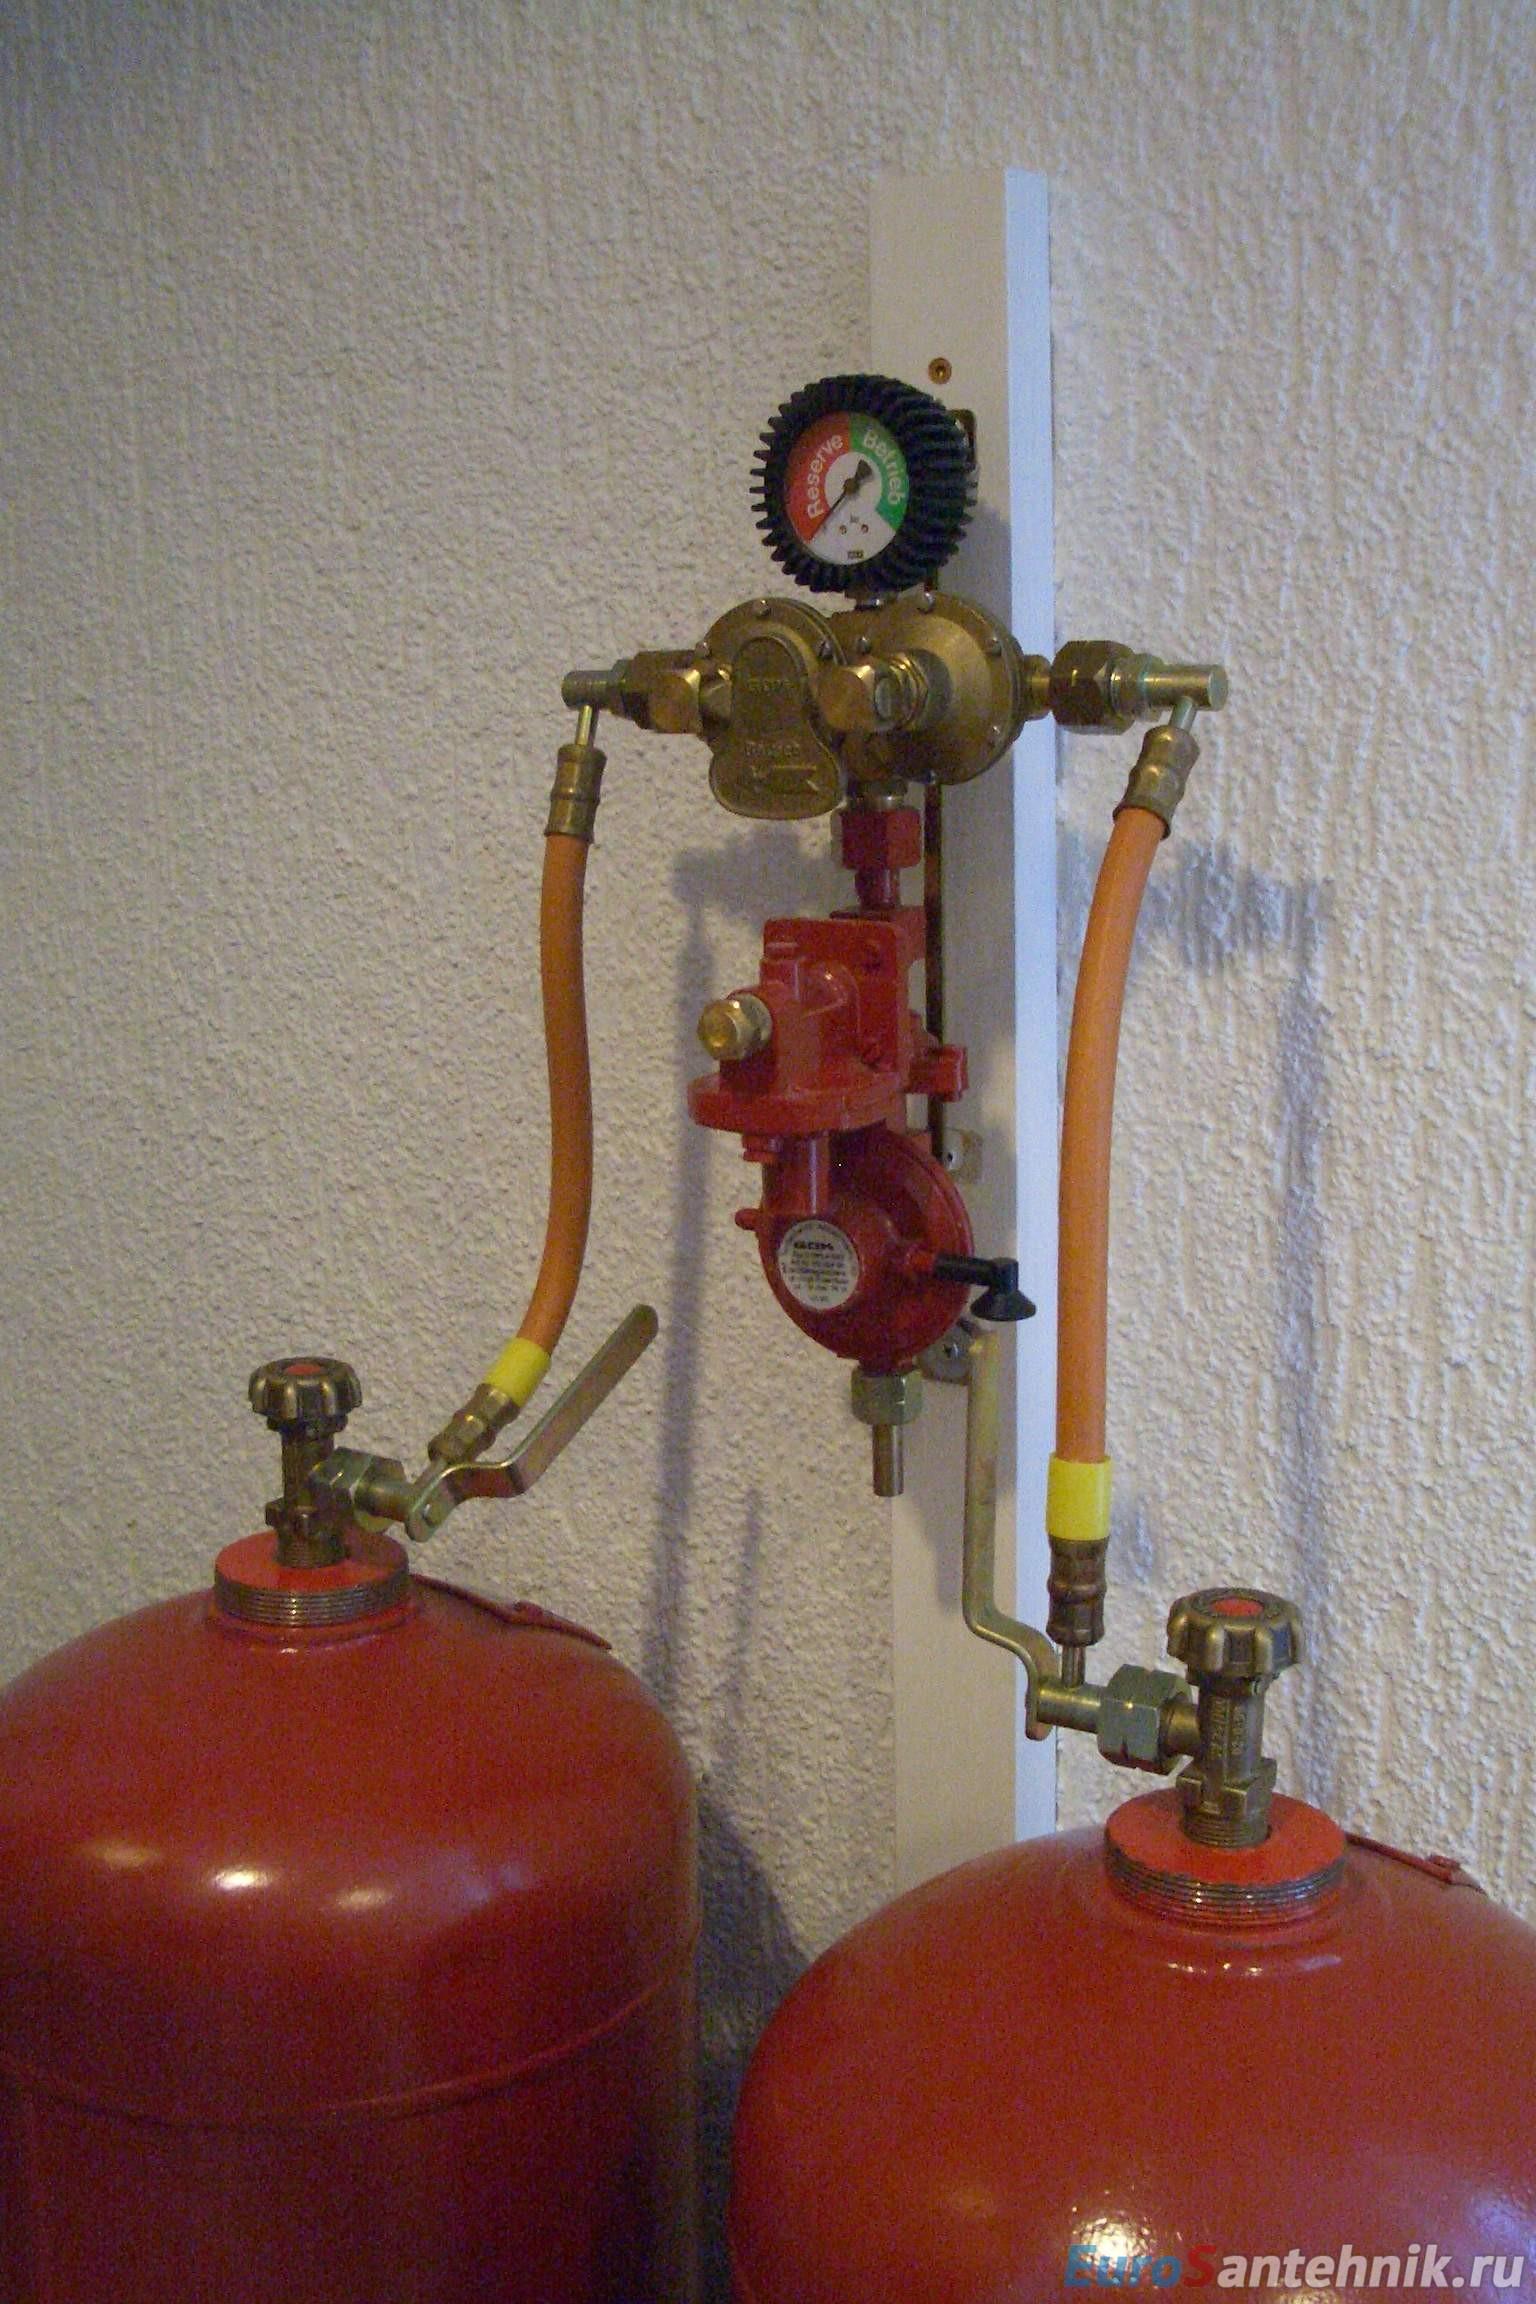 Отопление от газового баллона своими руками